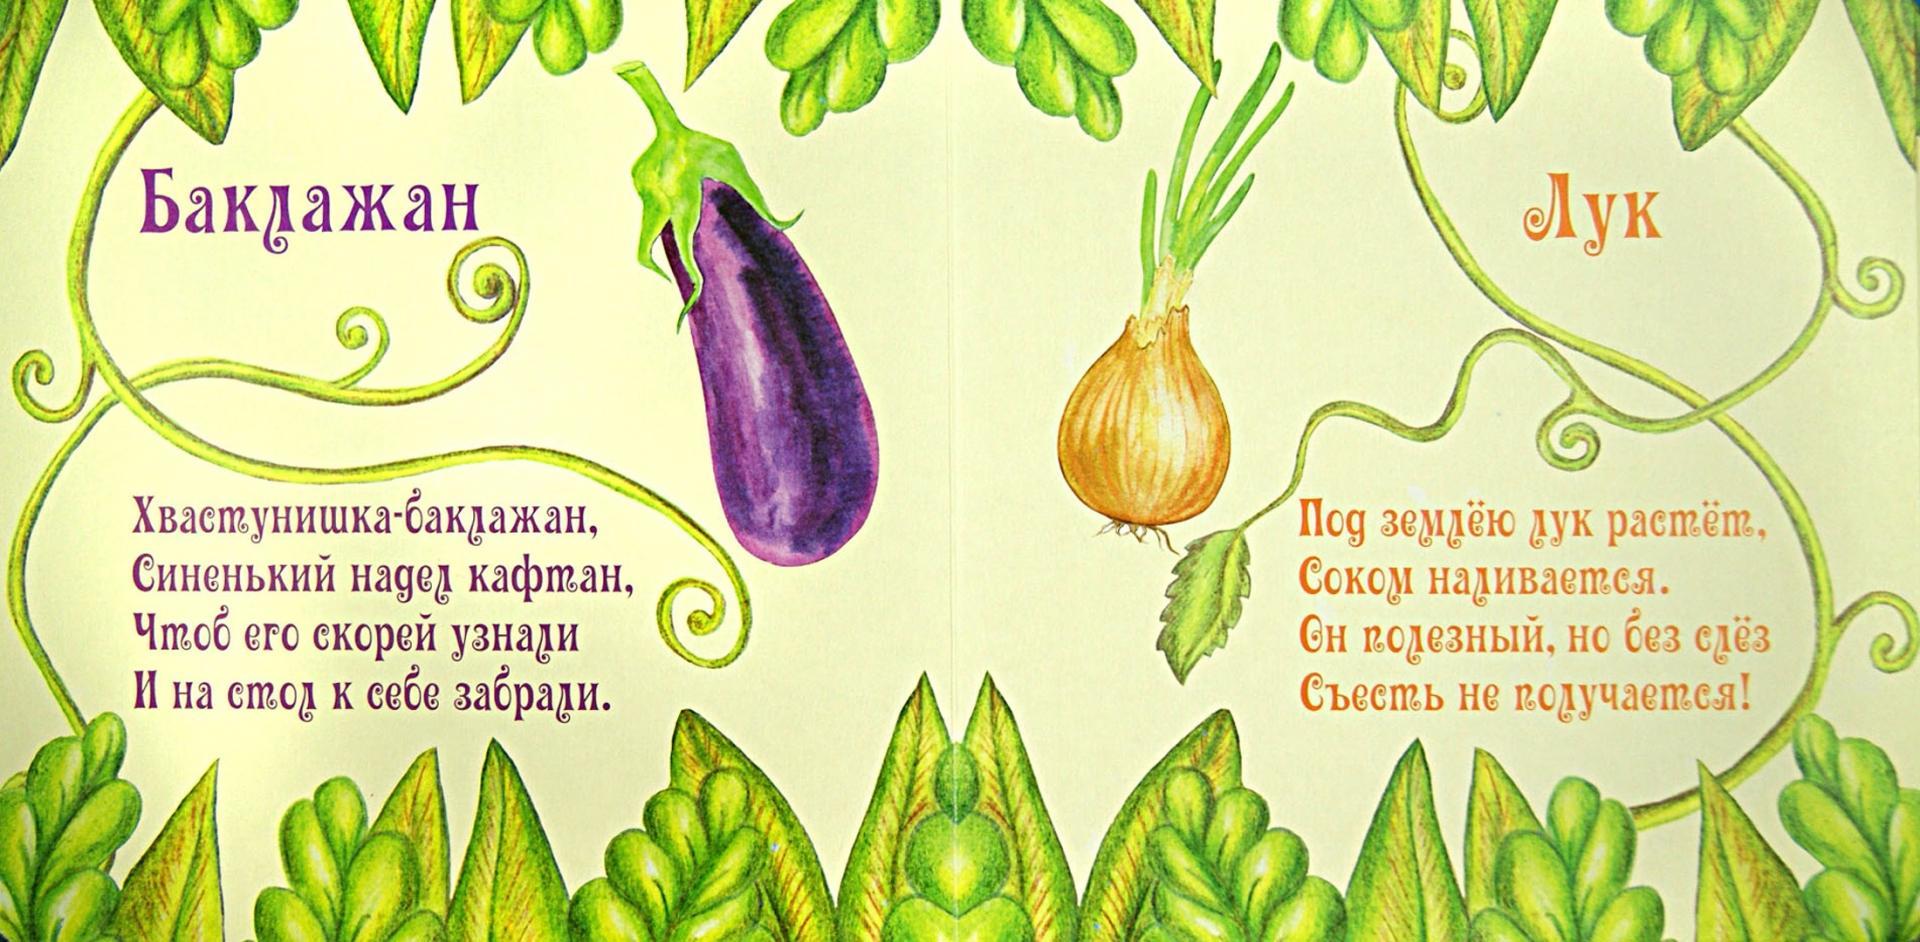 Иллюстрация 1 из 6 для Овощи - Наталья Курлат | Лабиринт - книги. Источник: Лабиринт